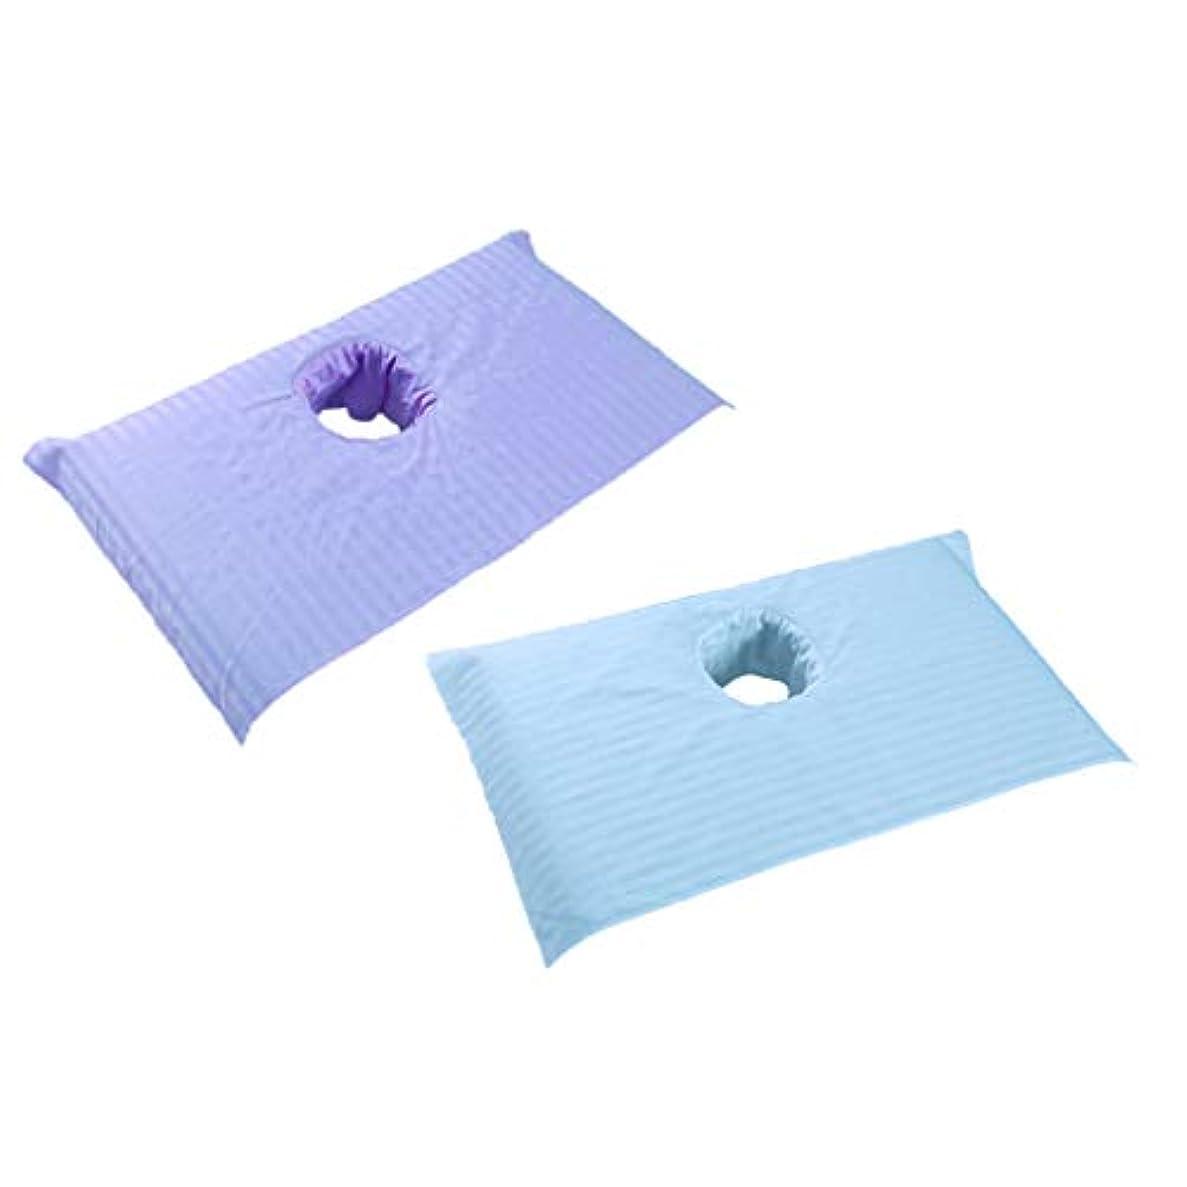 カバービジョン植物学FutuHome 2枚の柔らかい綿の美のマッサージの鉱泉の処置のベッドの表紙シート75 X 55cmのパック